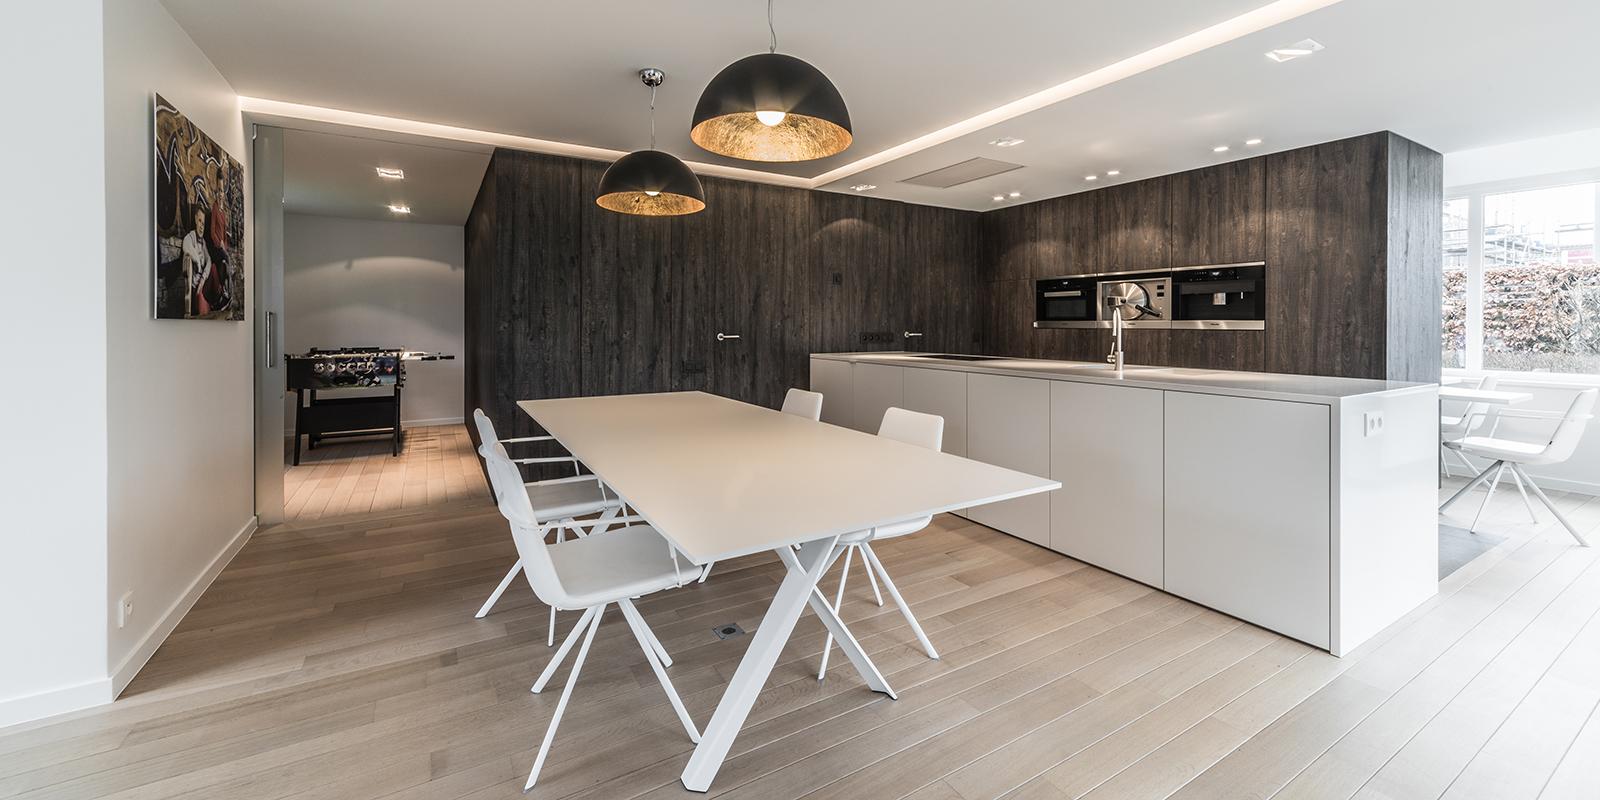 Decolegno, decoratief plaatmateriaal, Italiaanse merk Cleaf, scheidingswanden, ruimtelijke leefomgeving